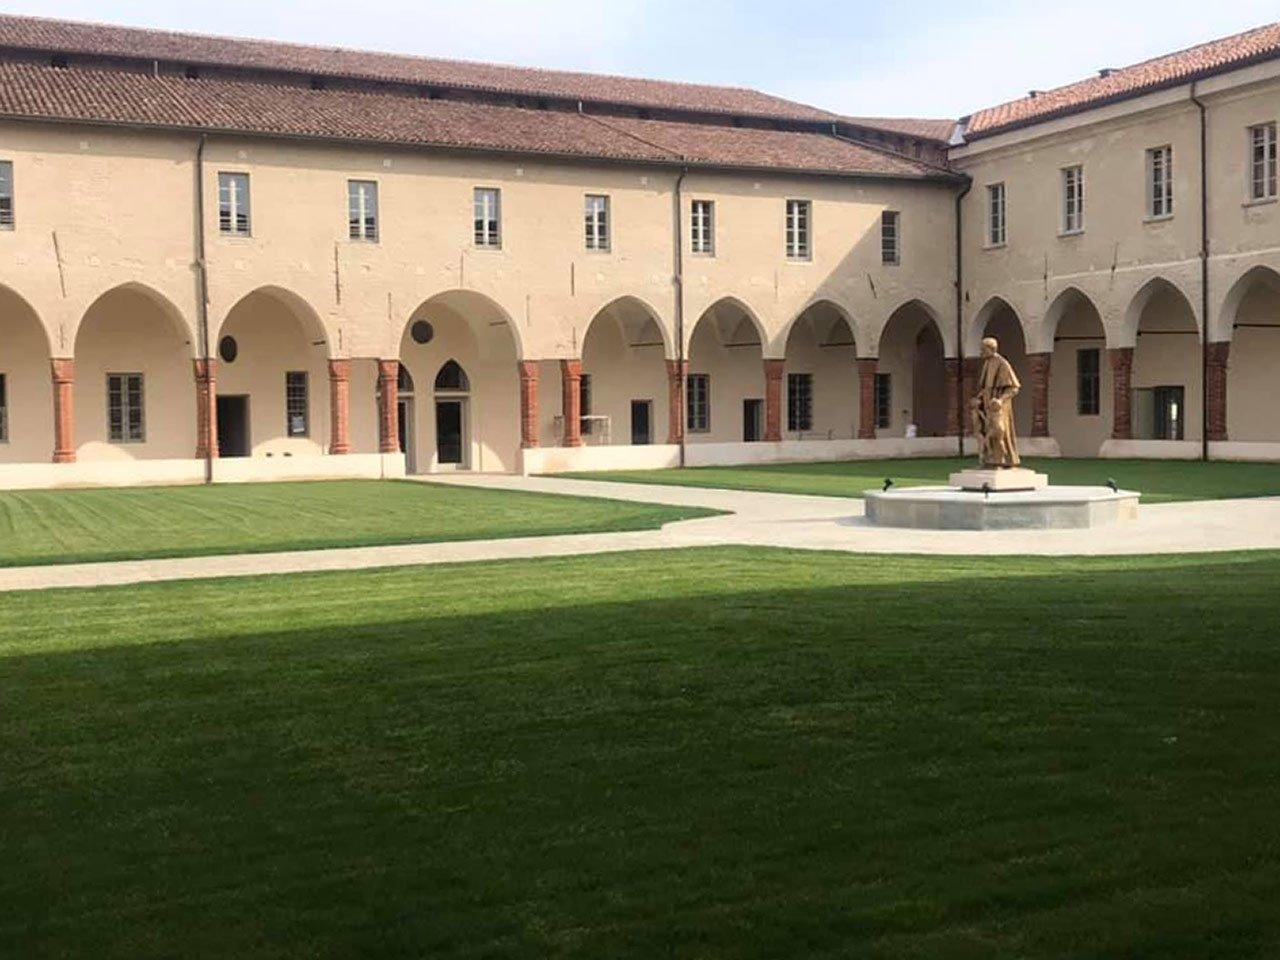 Università Cattolica del Sacro Cuore Cremona: alloggiare Hotel Duomo è la soluzione ottimale